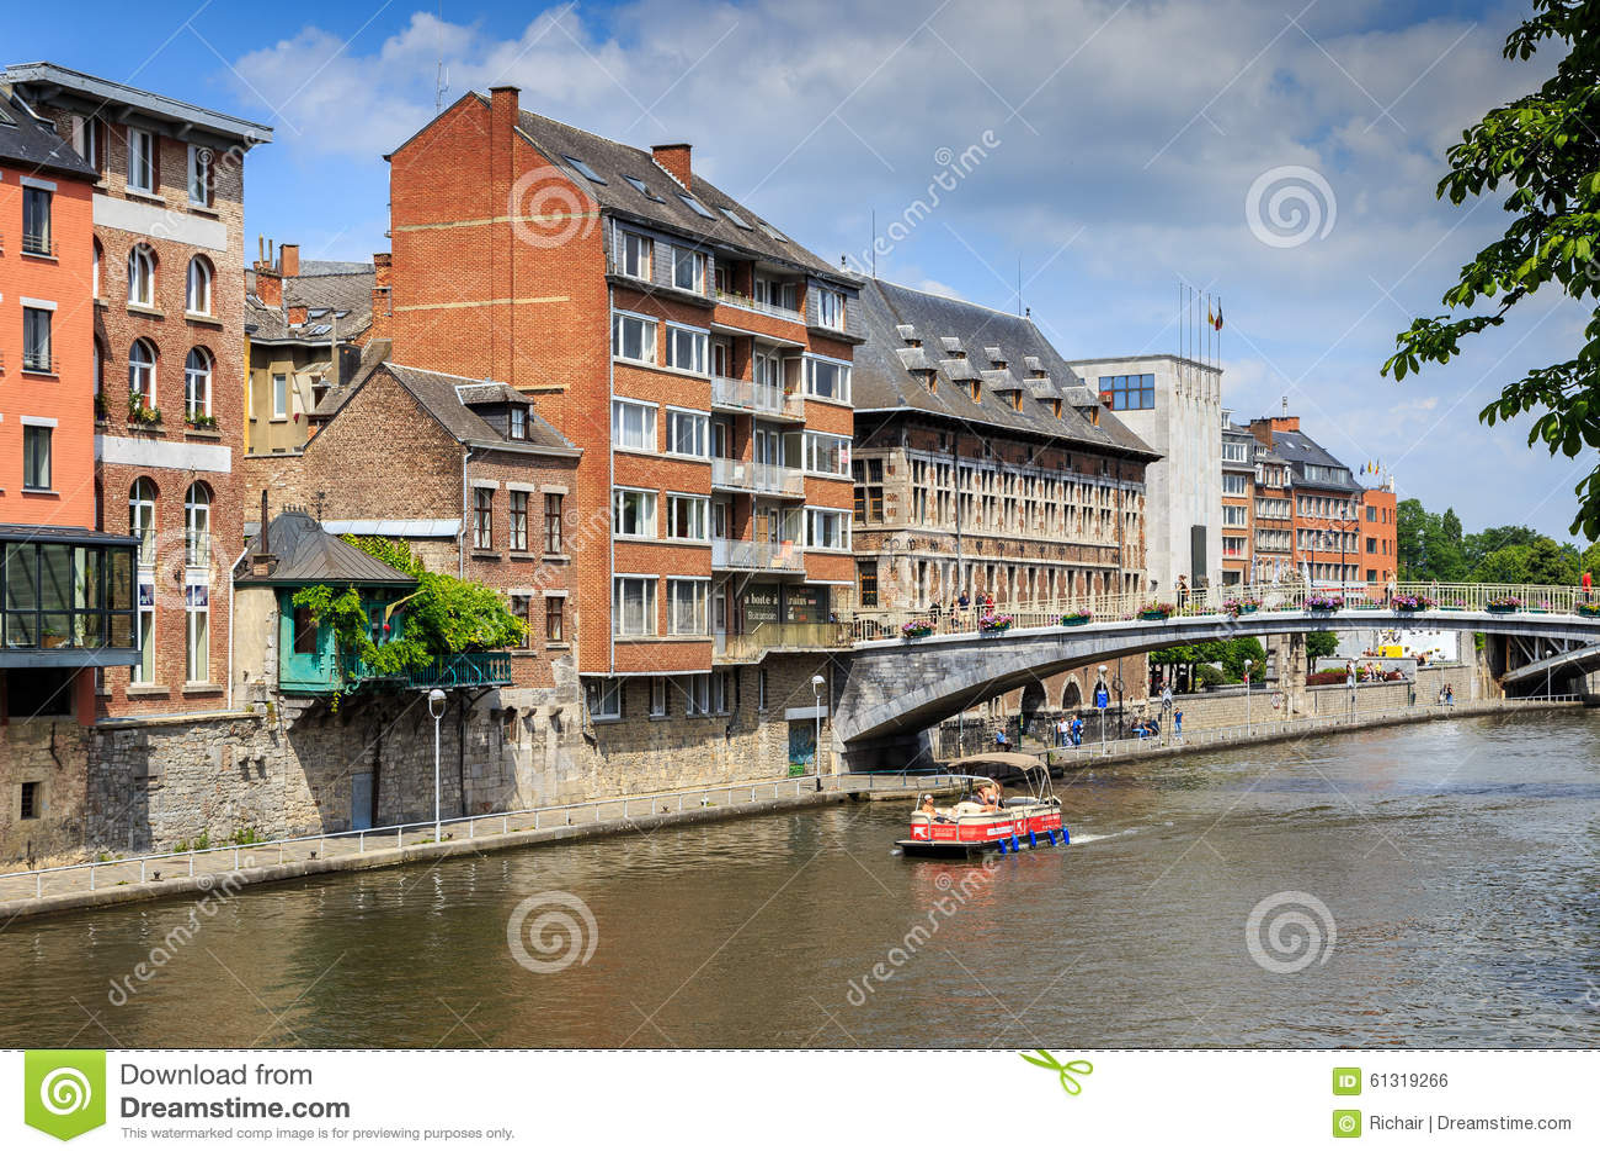 Namur belgium editorial photo image 61319266 for Center carrelage namur